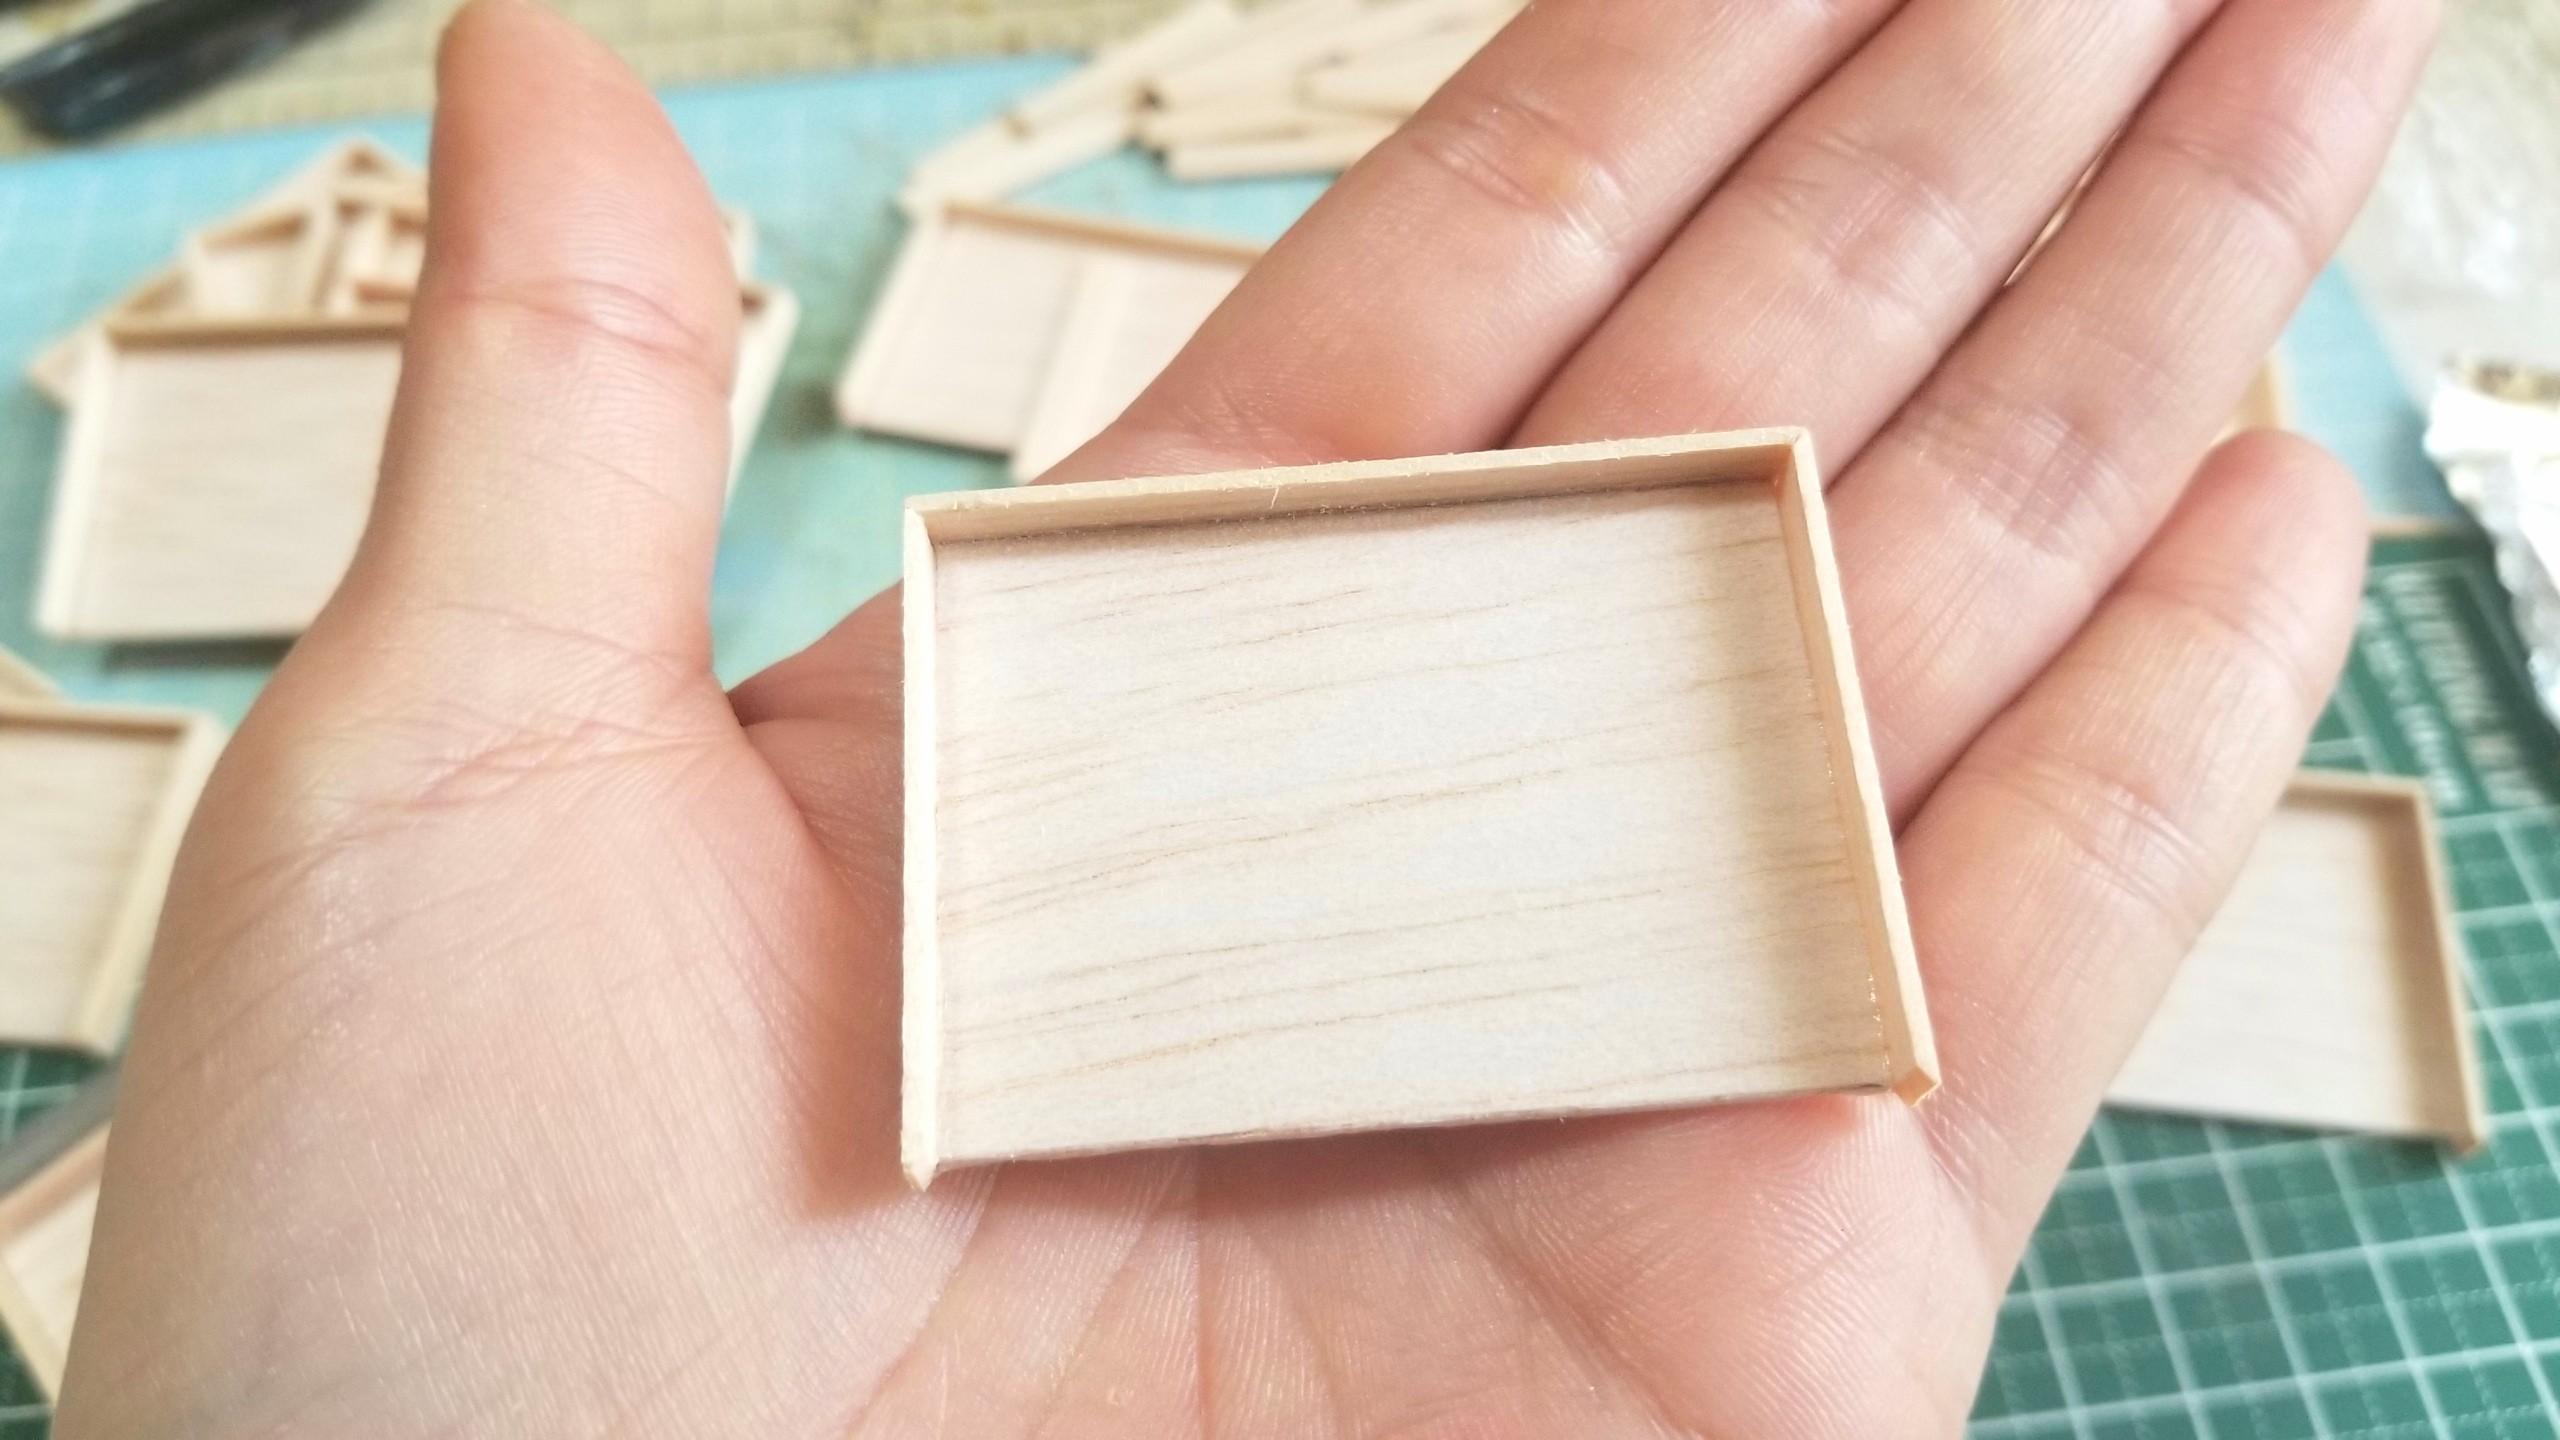 おぼん,作り方,ミニチュア,ひのき,桧,木工作業工程,フェイクフード